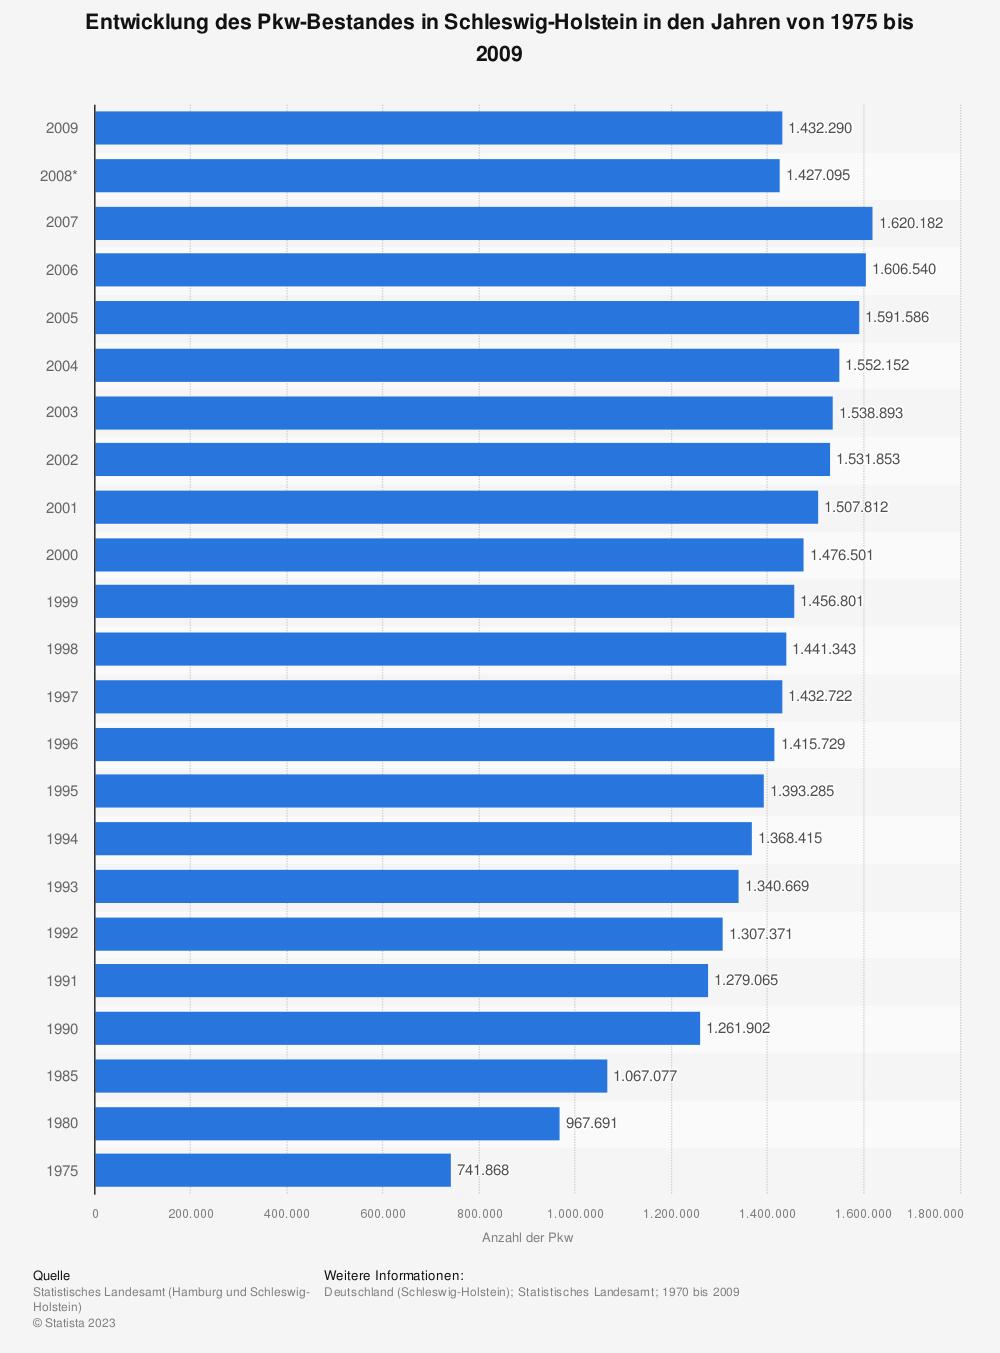 Statistik: Entwicklung des Pkw-Bestandes in Schleswig-Holstein in den Jahren von 1975 bis 2009 | Statista